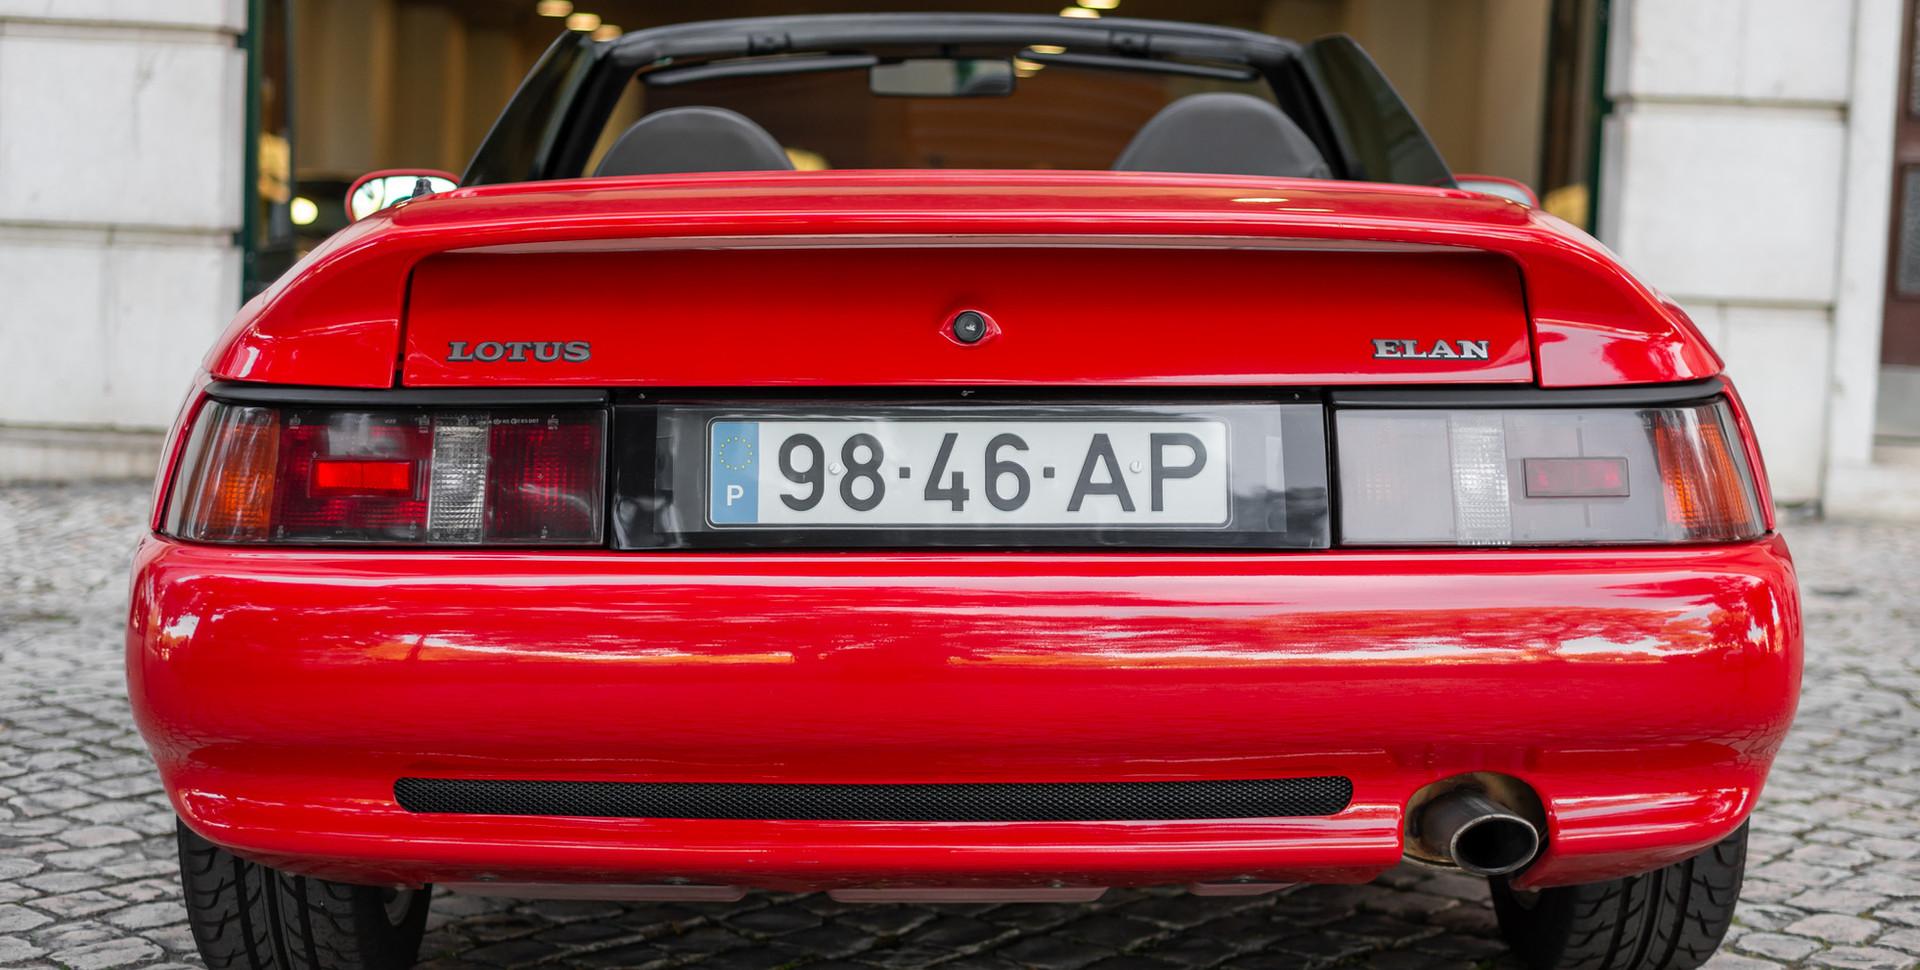 Lotus Elan Vermelho-21.JPG